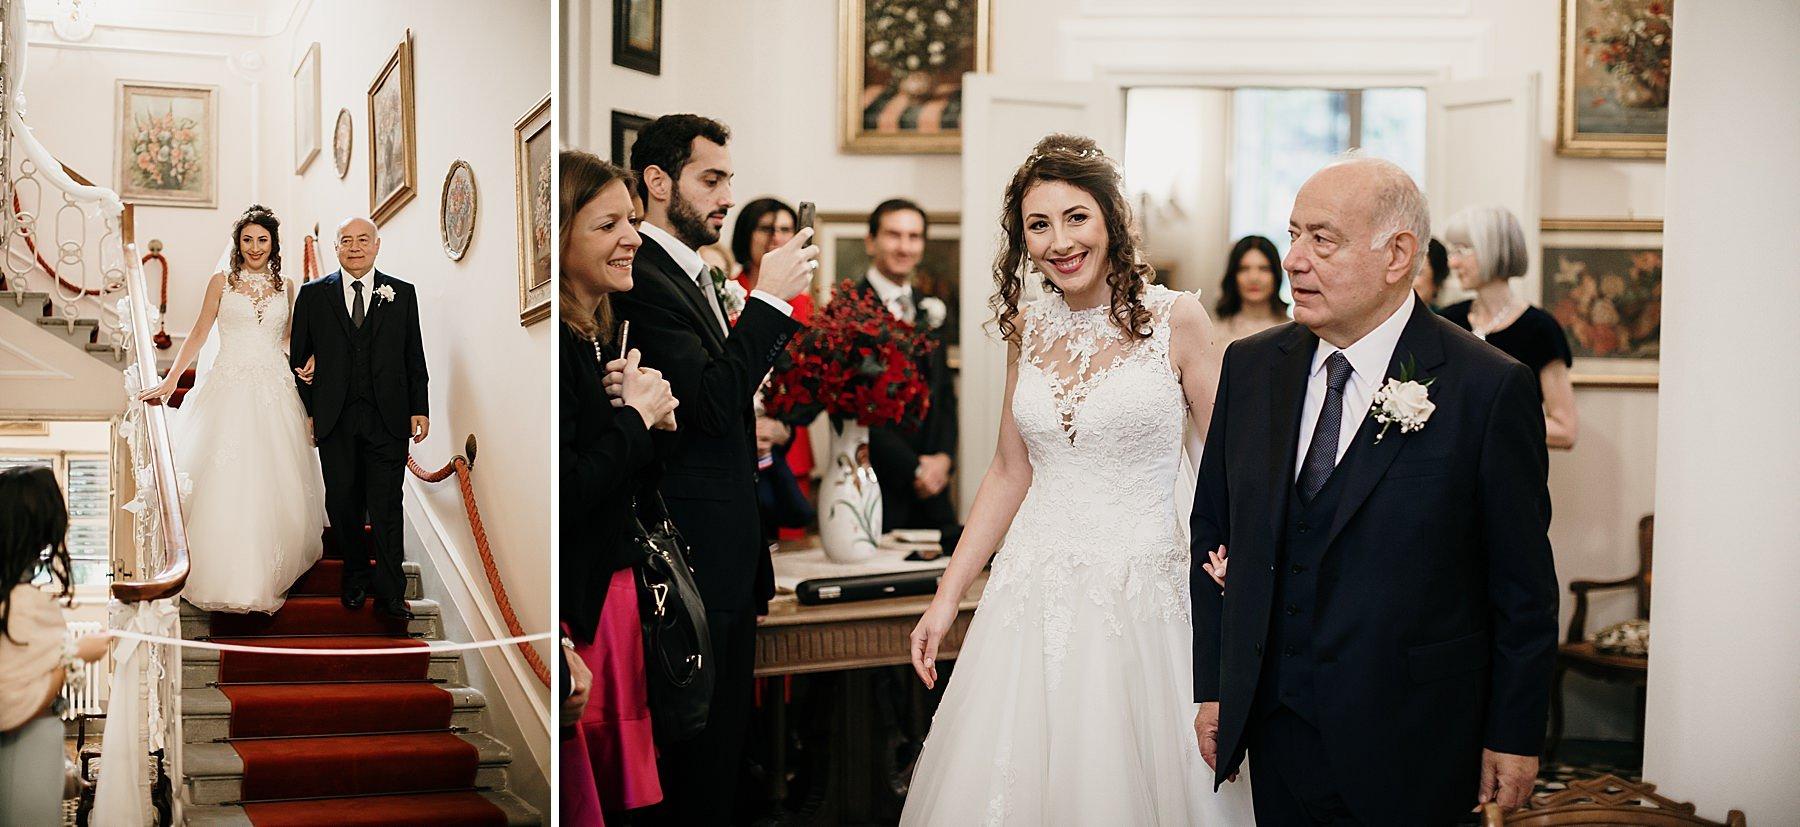 fotografia di matrimonio a firenze in inverno 735